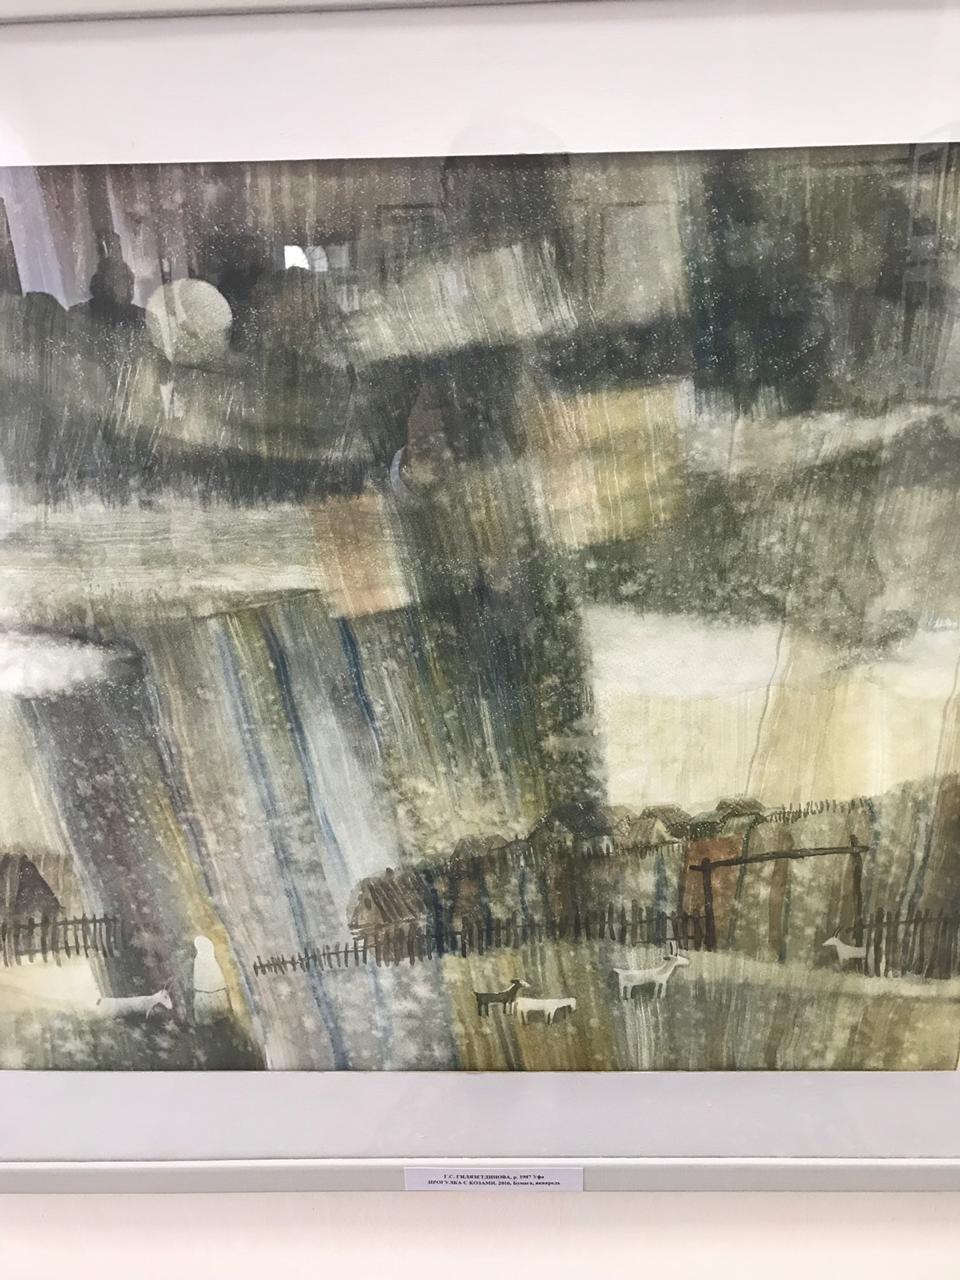 «Прогулка с козами», Г.С. Гилязетдинова, 2016, бумага, акварель